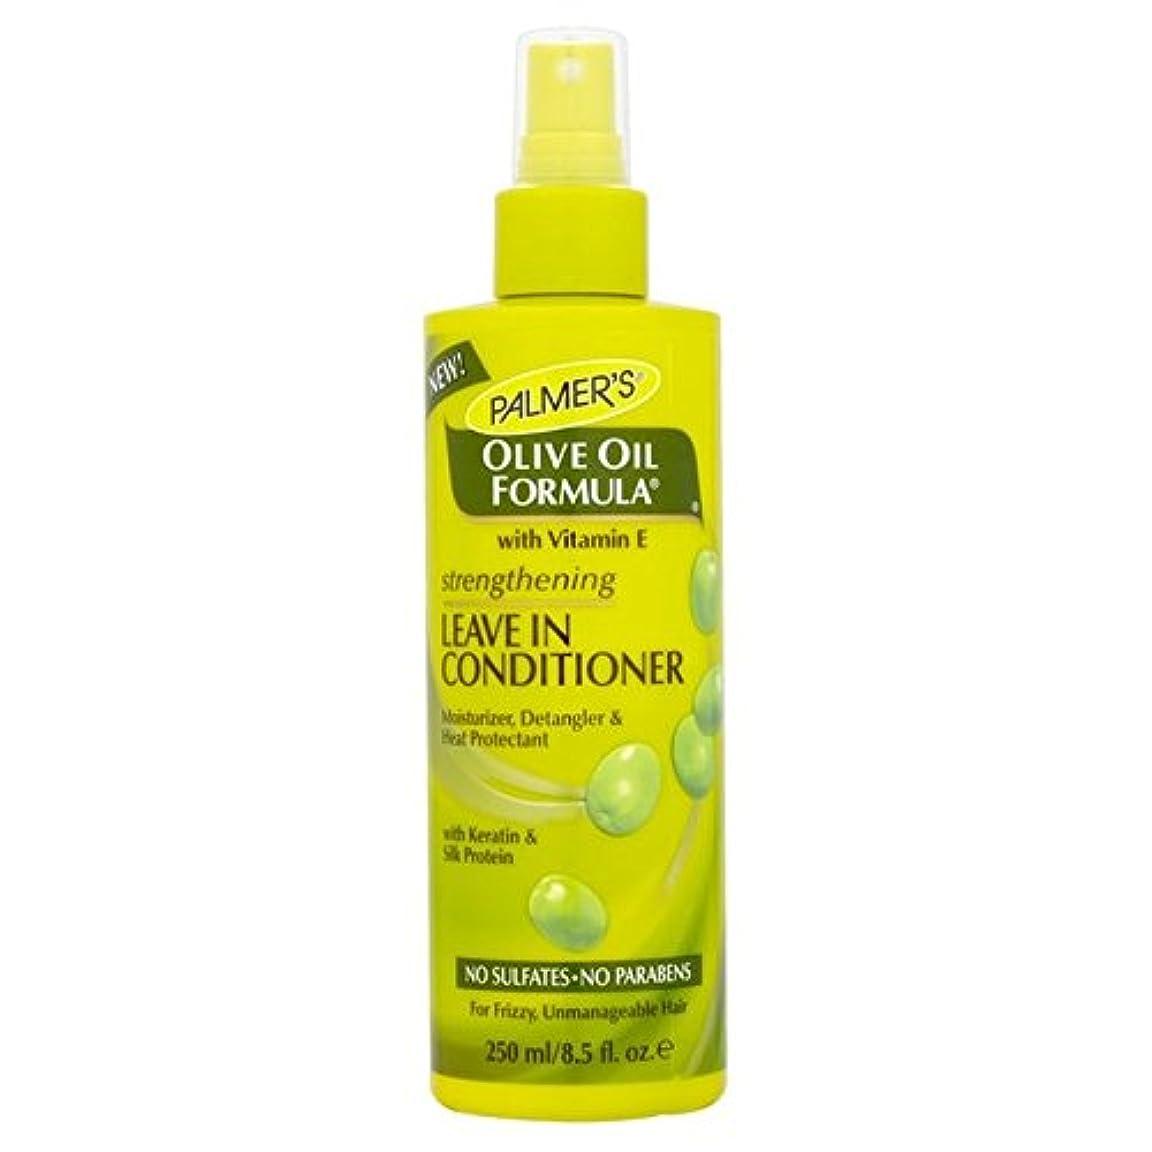 祖先橋アンケートリーブインコンディショナー250を強化パーマーのオリーブオイル式 x4 - Palmer's Olive Oil Formula Strengthening Leave-in Conditioner 250ml (Pack of 4) [並行輸入品]